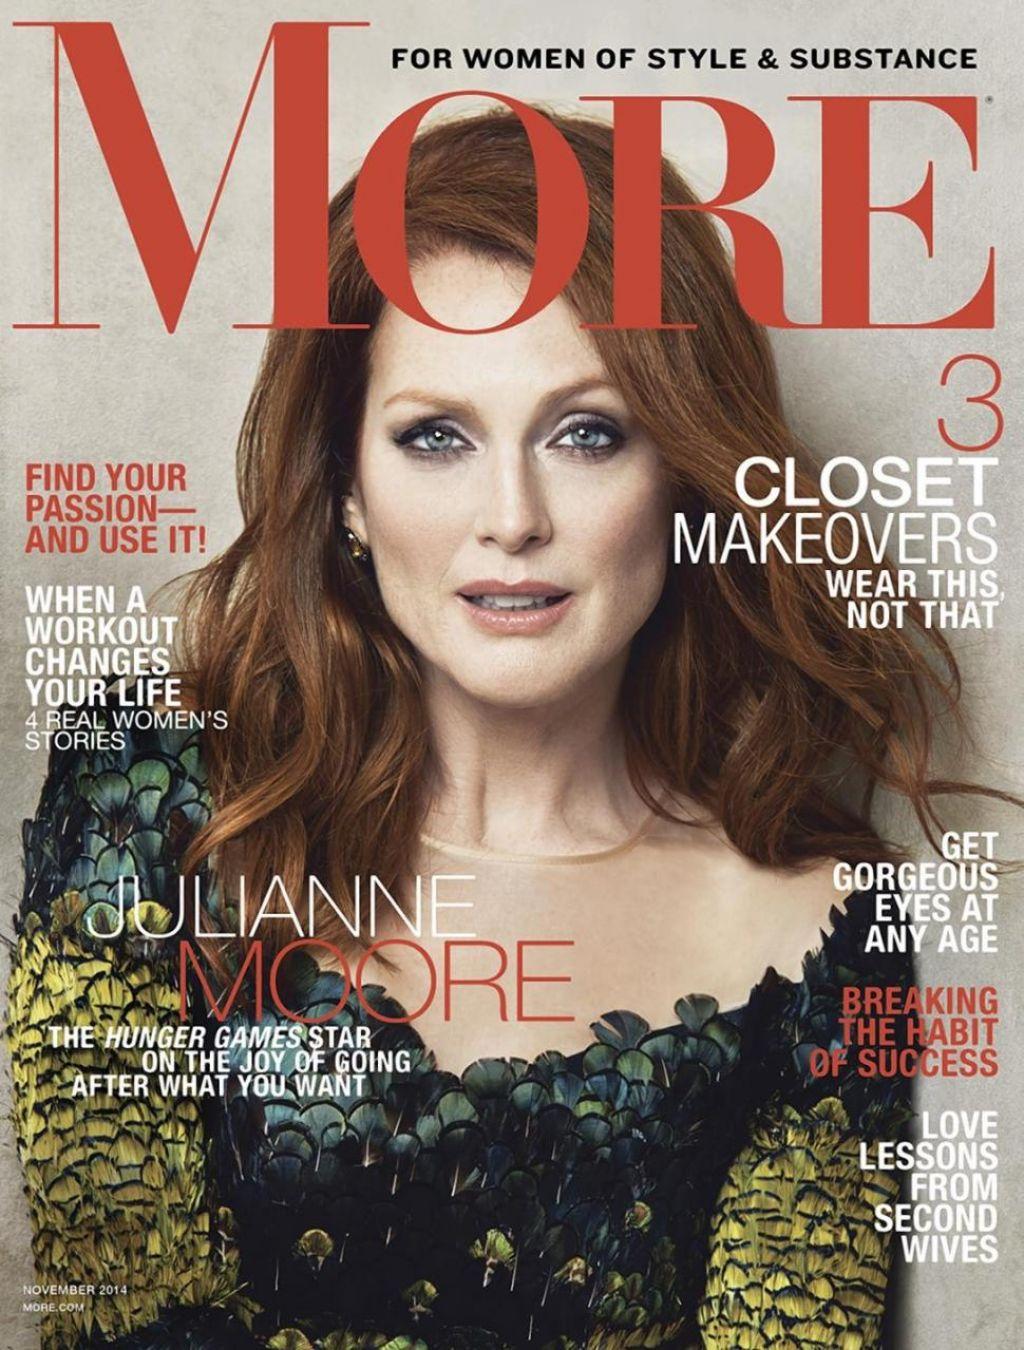 More Magazine November 2014 Issue: More Magazine November 2014 Issue